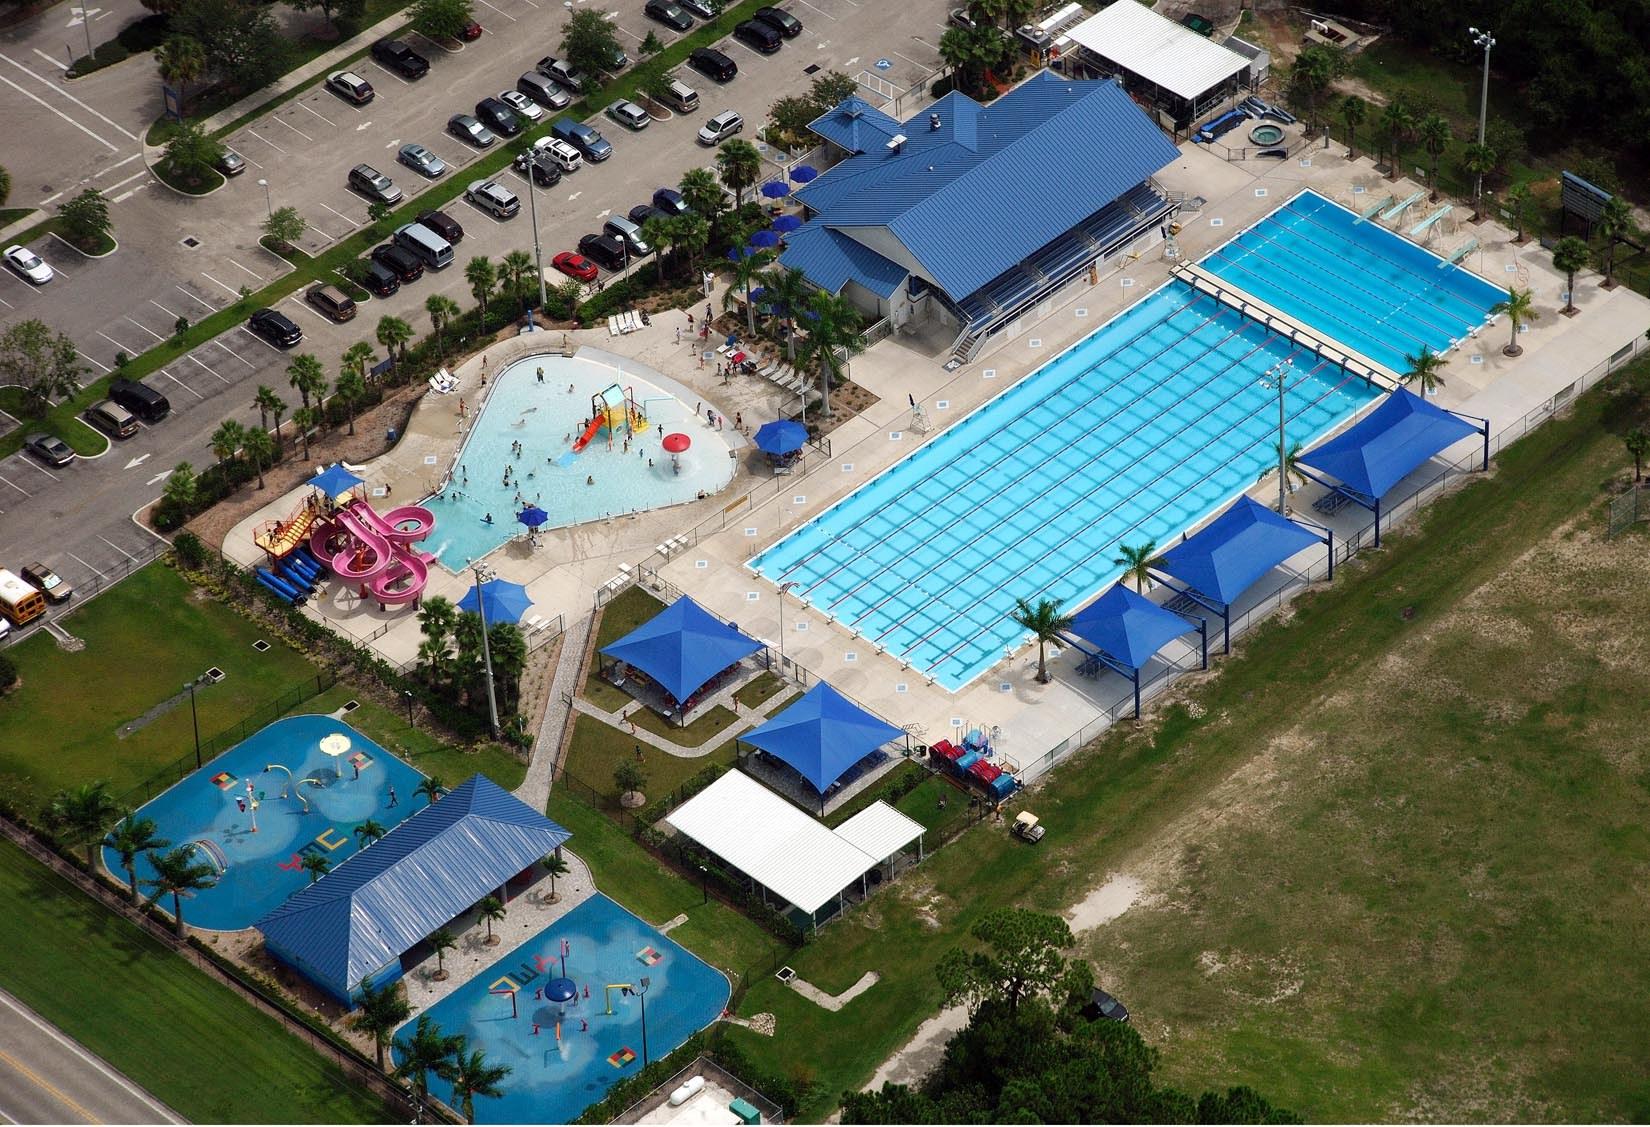 Selby aquatic center sarasota ymca sarasota florida for Pond aquatics